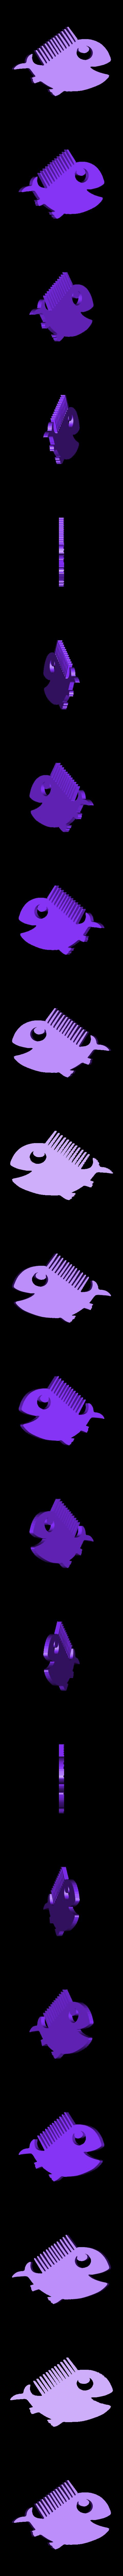 Fish.stl Télécharger fichier STL gratuit Fantasy combs ocean - Peignes fantaisie océan • Plan pour imprimante 3D, Julien_DaCosta